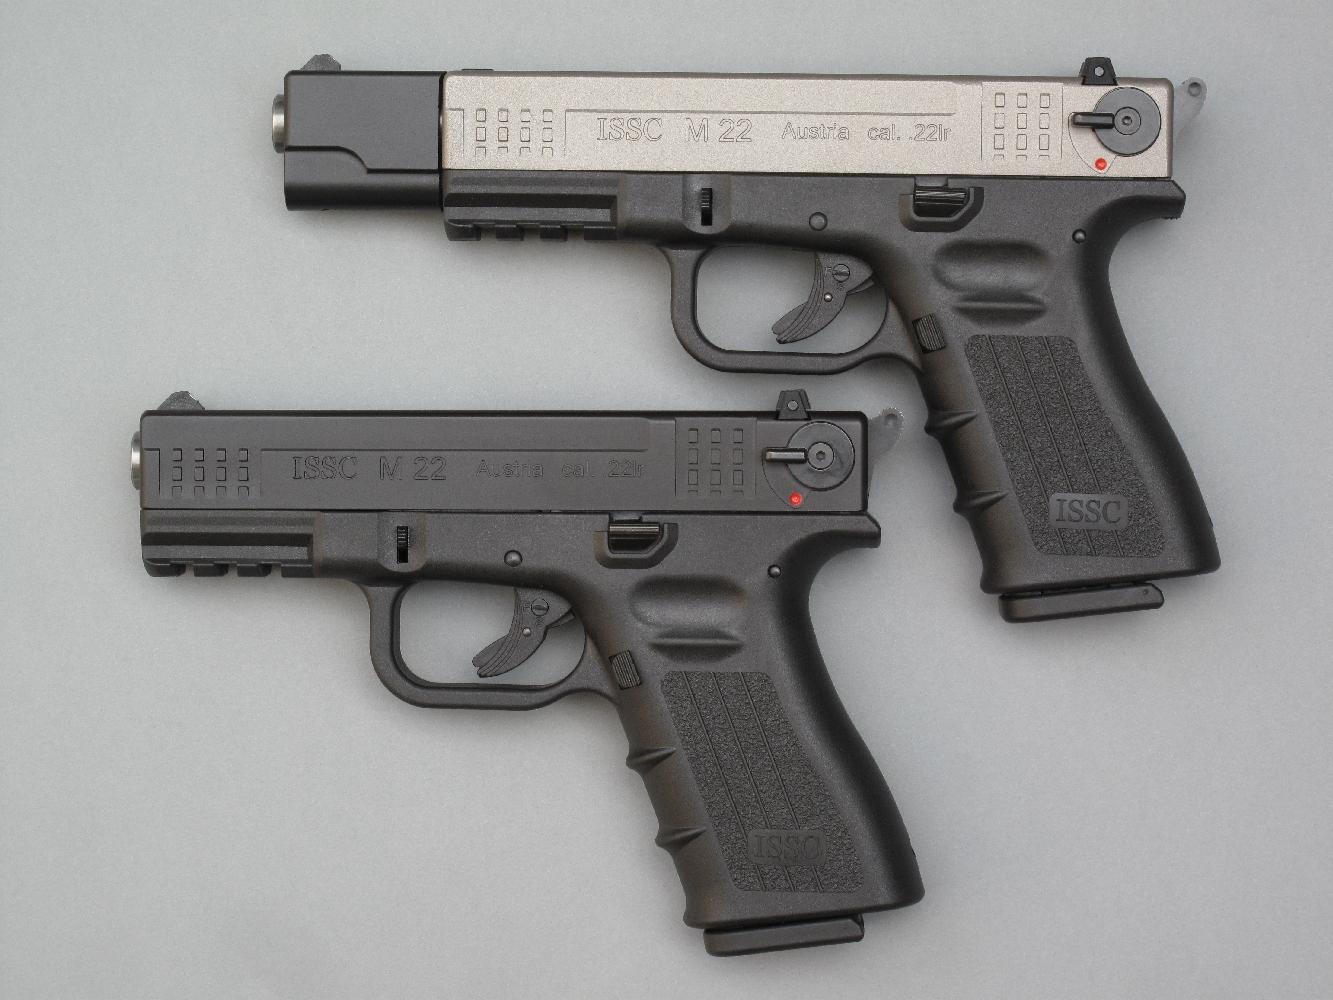 Ces pistolets sont tous deux équipés d'un levier de sûreté ambidextre qui fait également fonction de « decocking » afin de permettre de désarmer instantanément le marteau sans risque de départ intempestif.